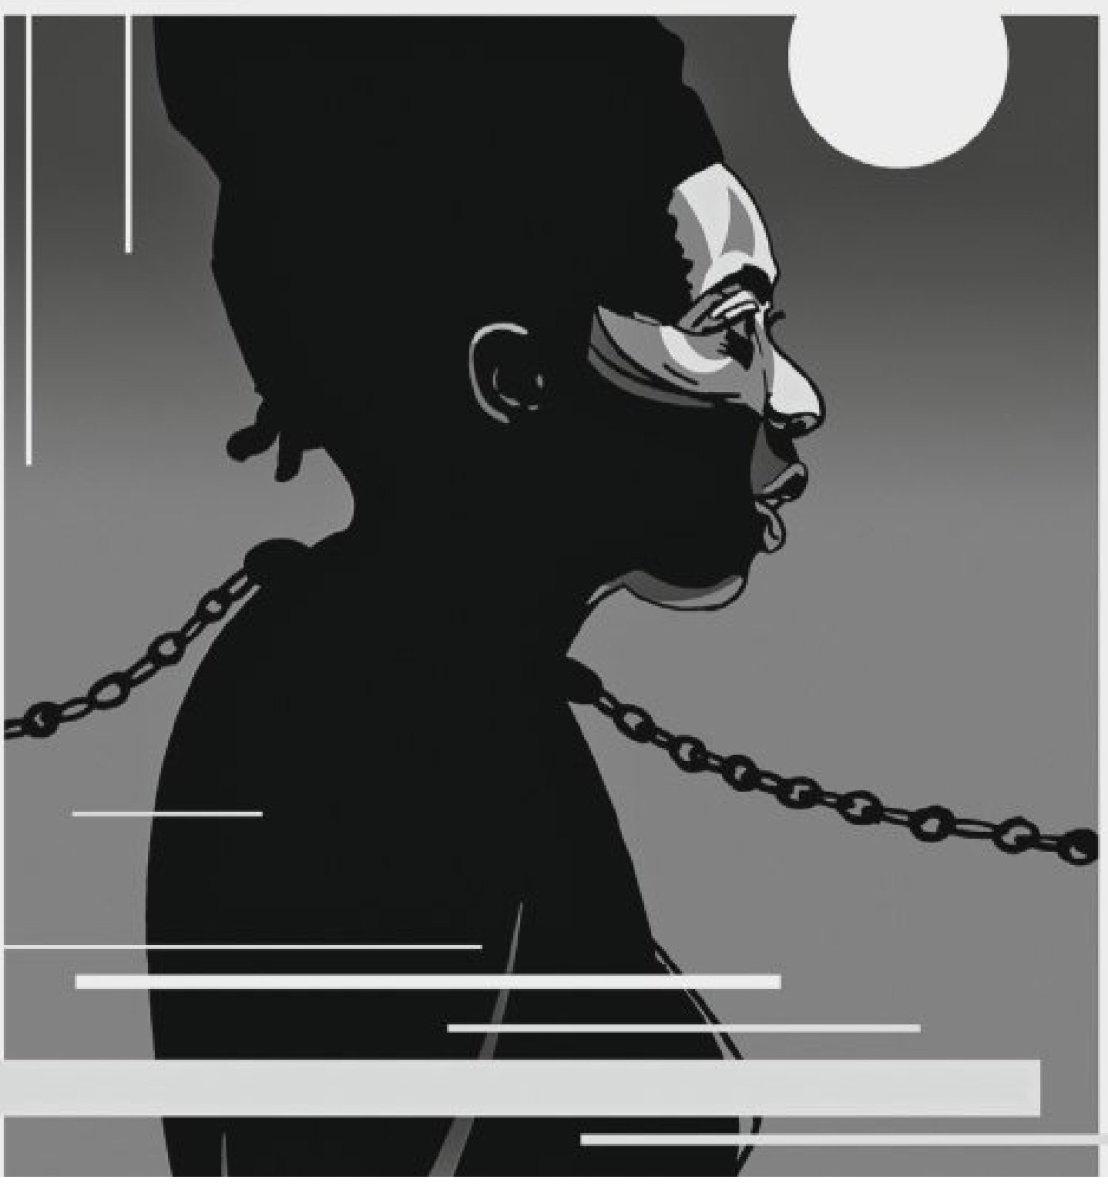 Французький ультраправий журнал зобразив темношкіру депутатку з ланцюгом на шиї